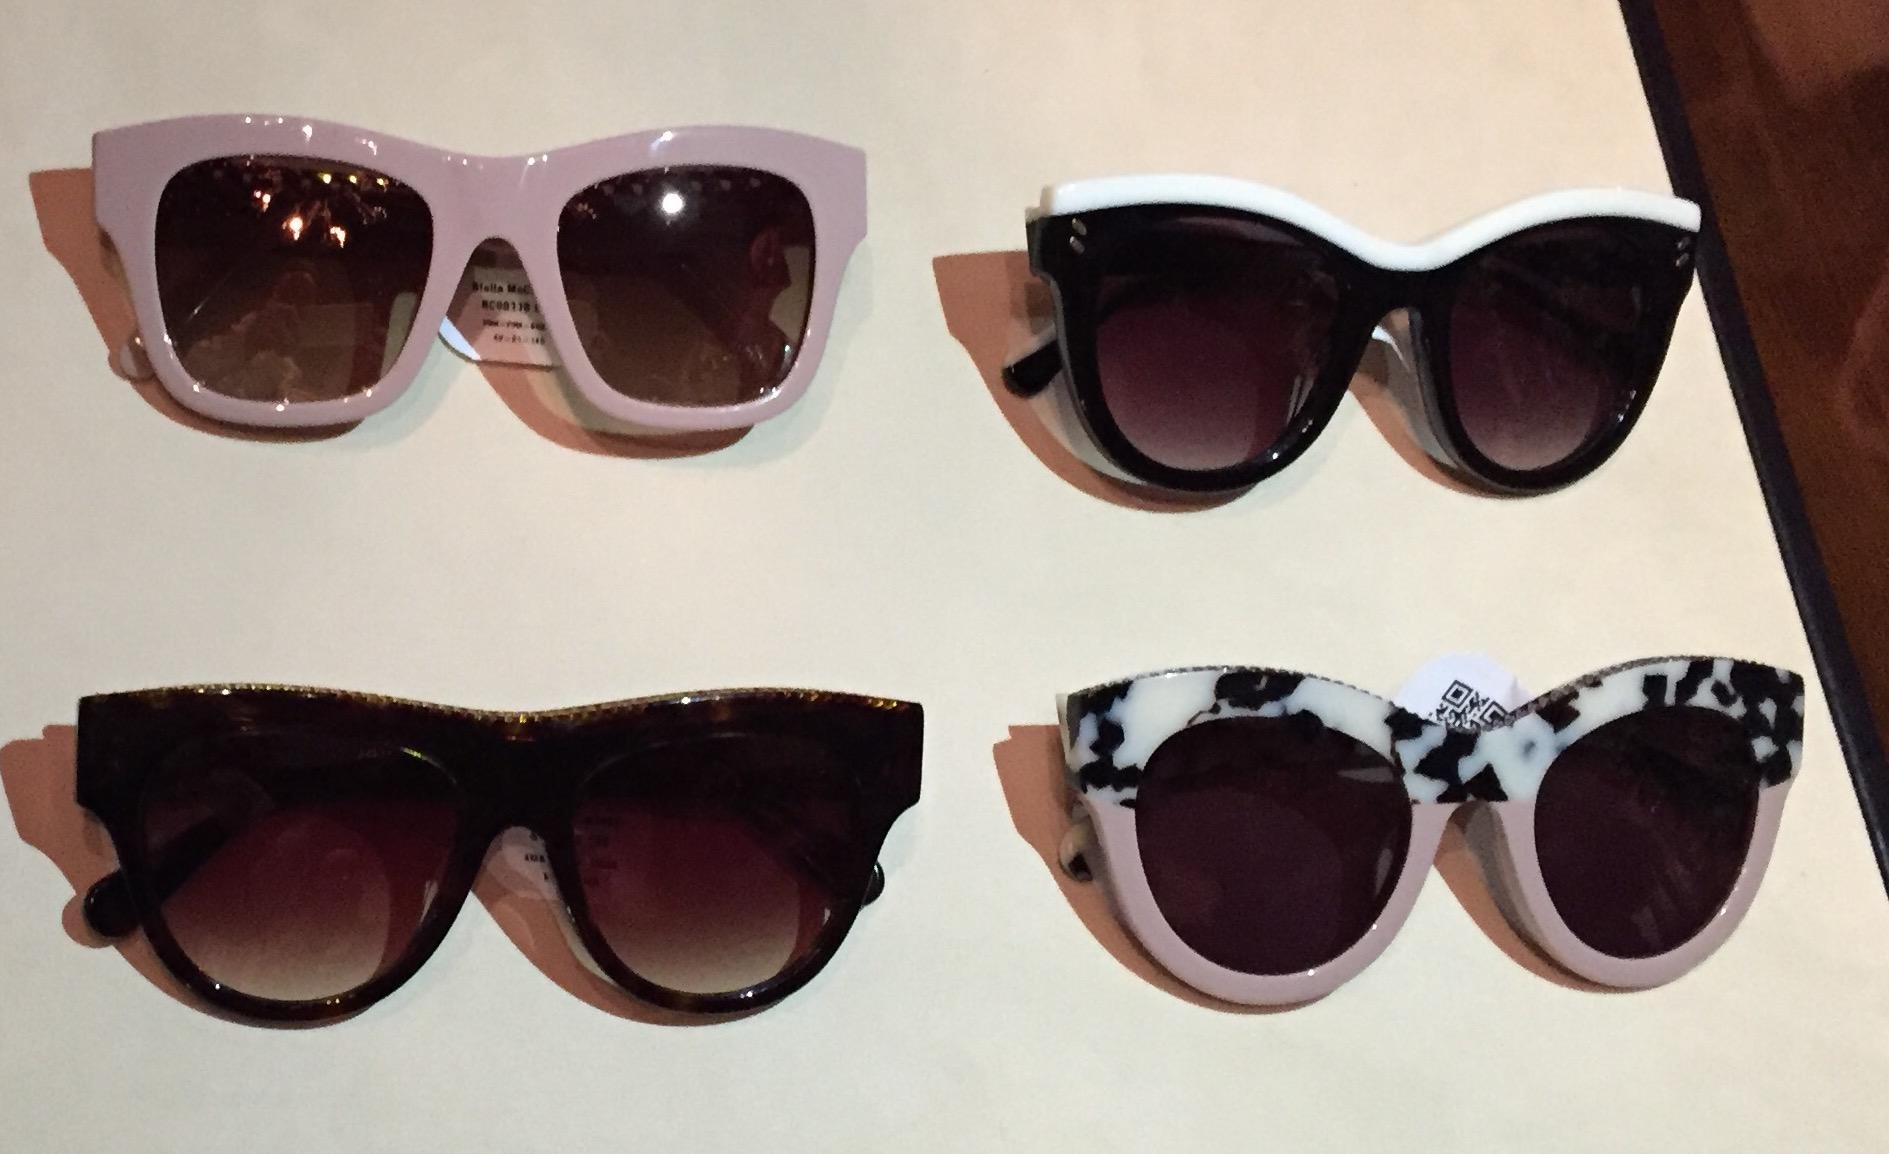 Voisiko tästä trendikkäästä nelikosta löytyä sinun tyylisesi aurinkolasit? Antaa paistaa vaan!